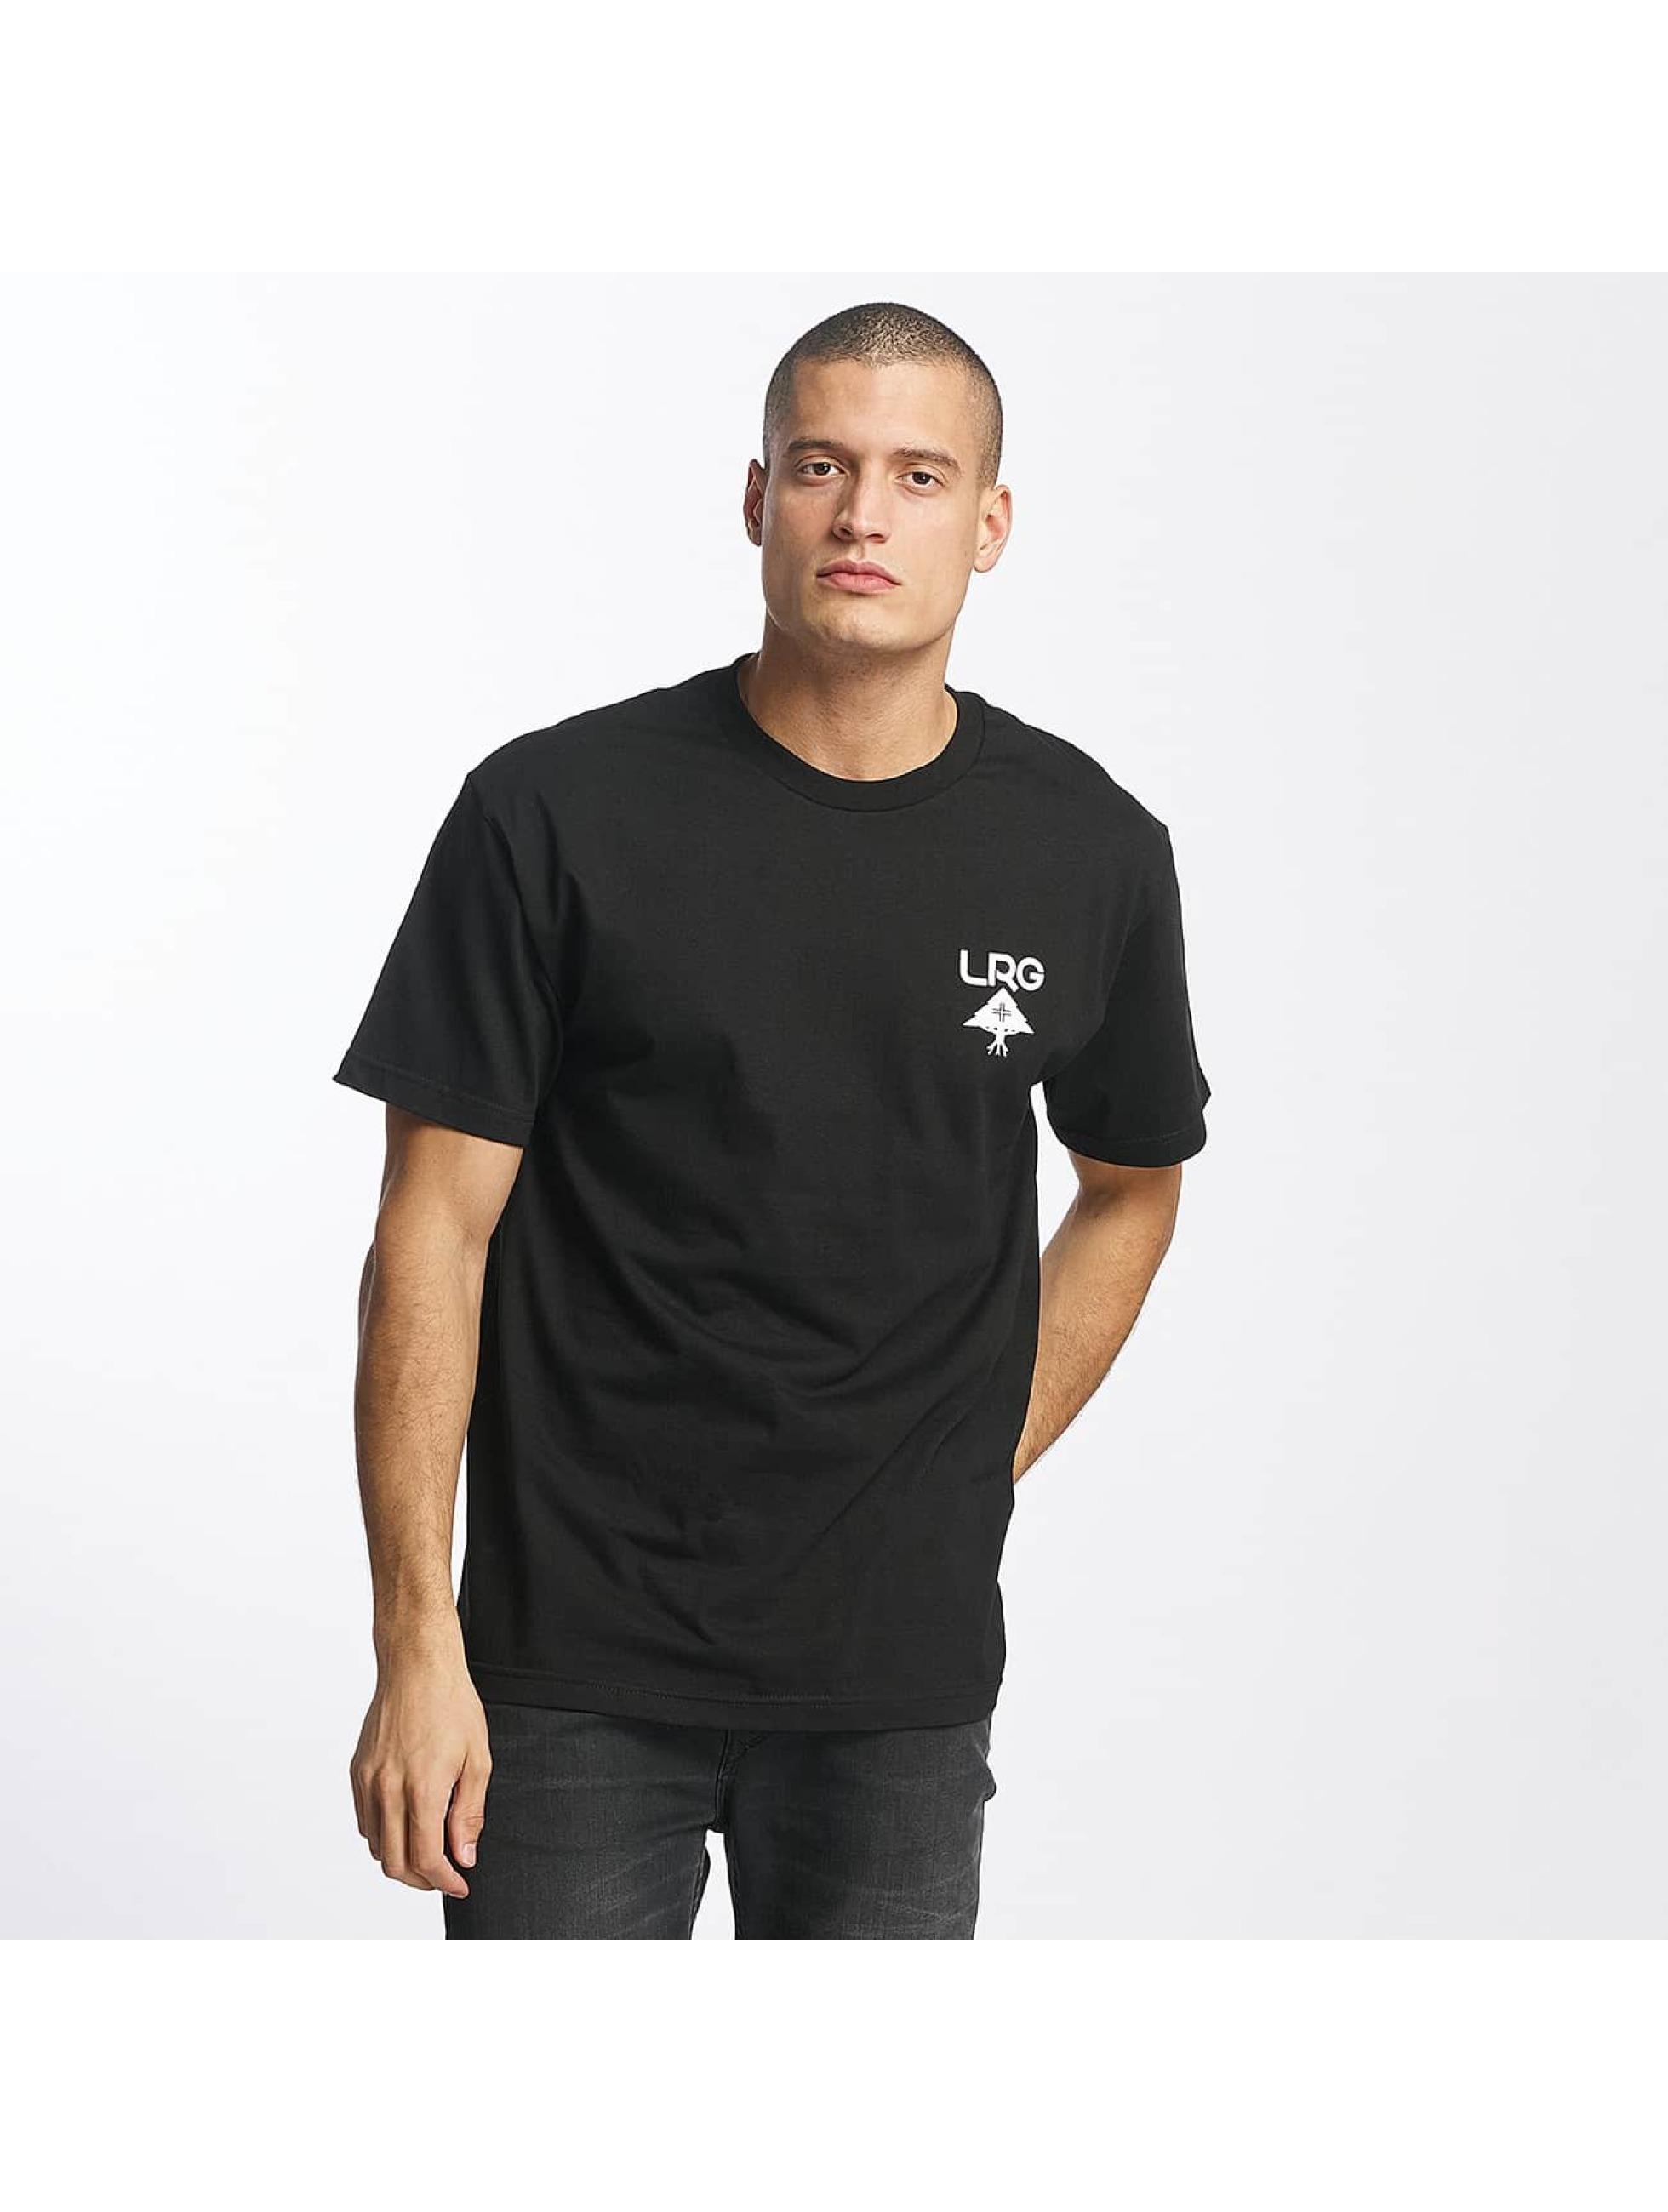 LRG Logo Plus noir T-Shirt homme